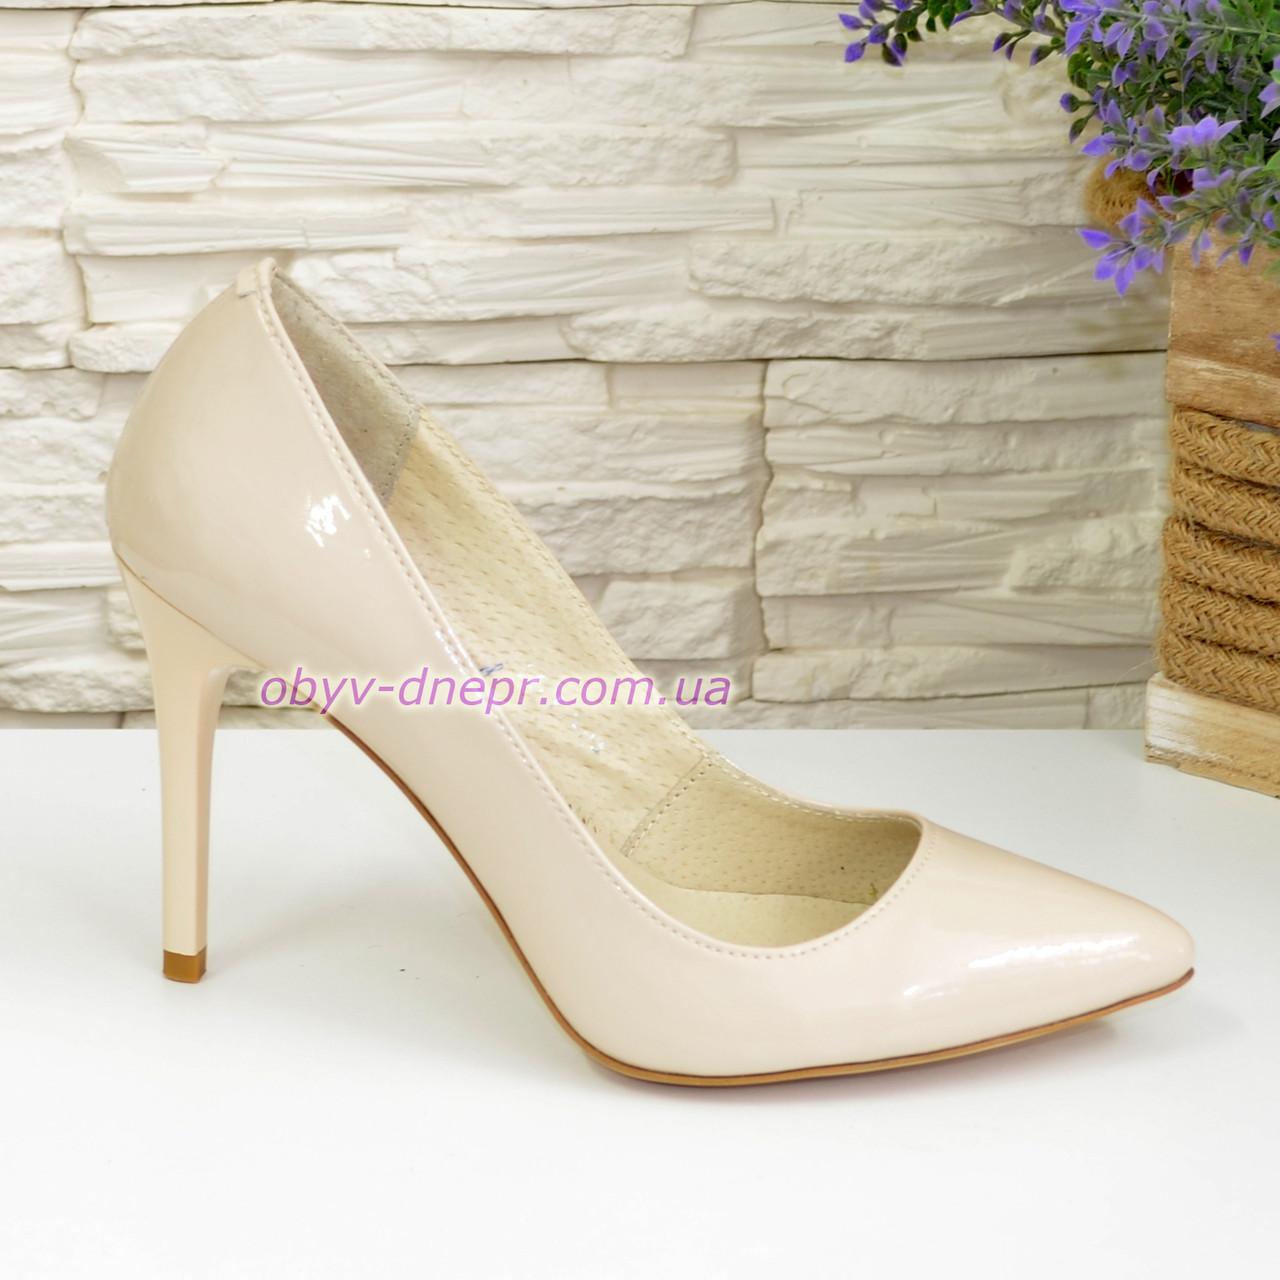 Туфли женские лаковые на шпильке, бежевый цвет